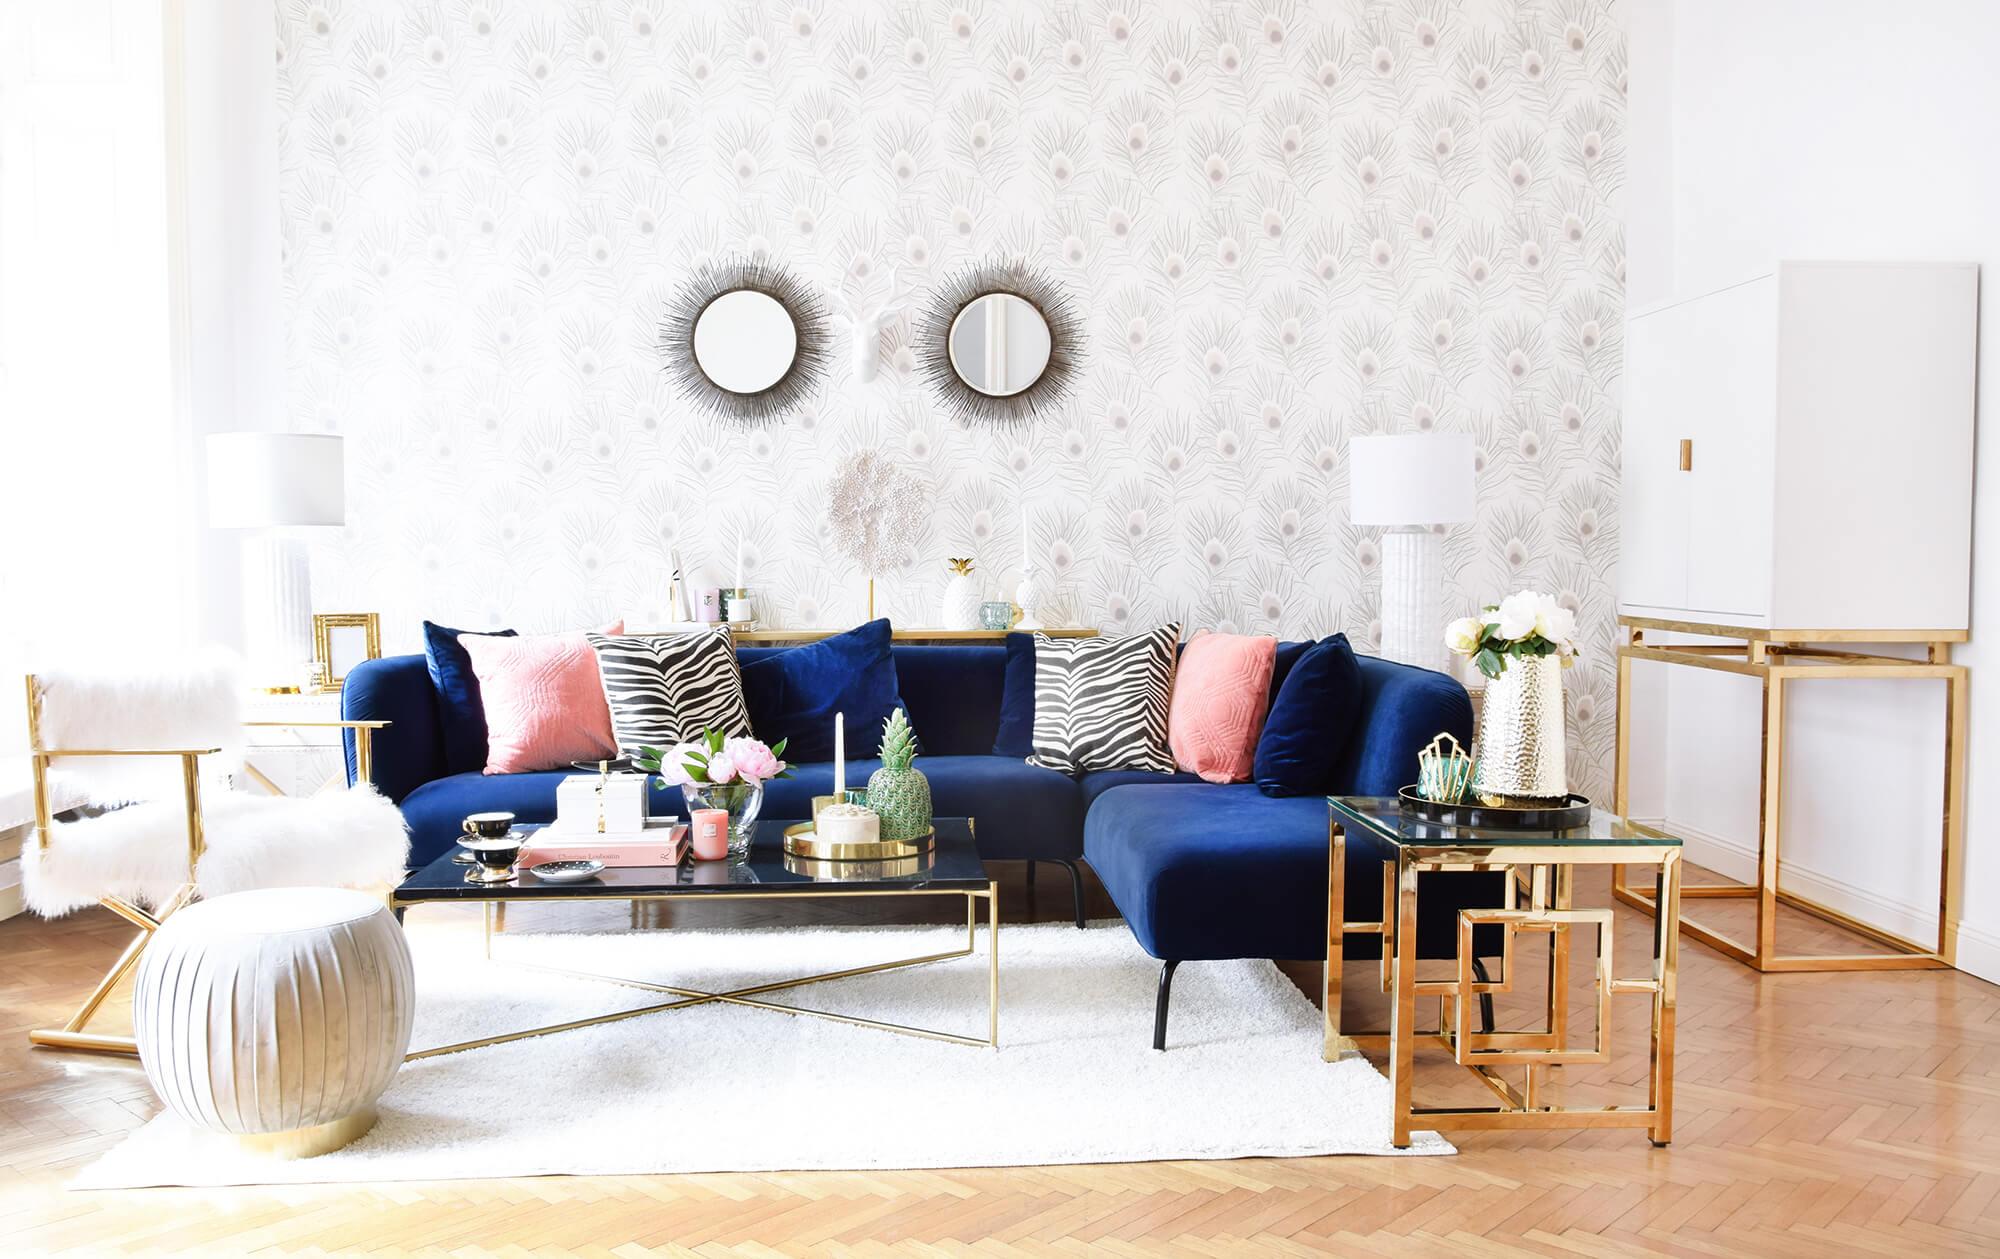 City Safari Livingroom - Großstadtdschungel im Wohnzimmer